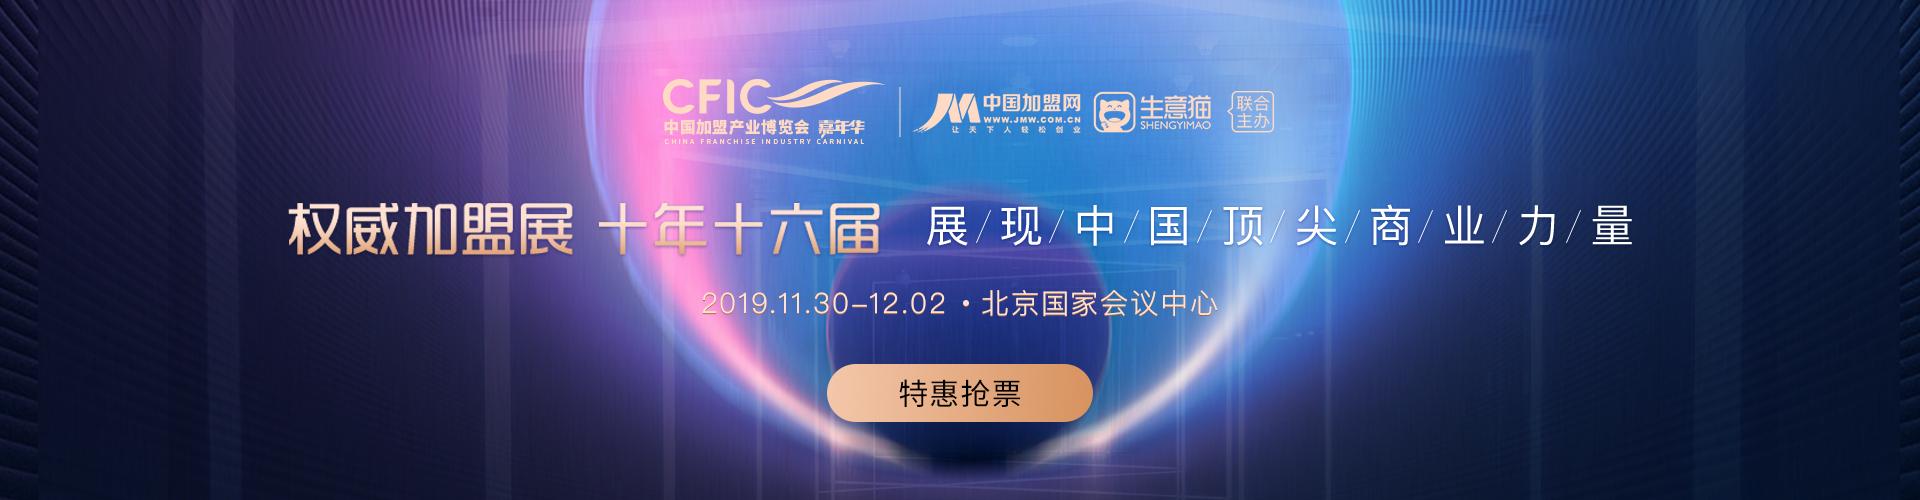 第16届中国加盟产业博览会 嘉年华